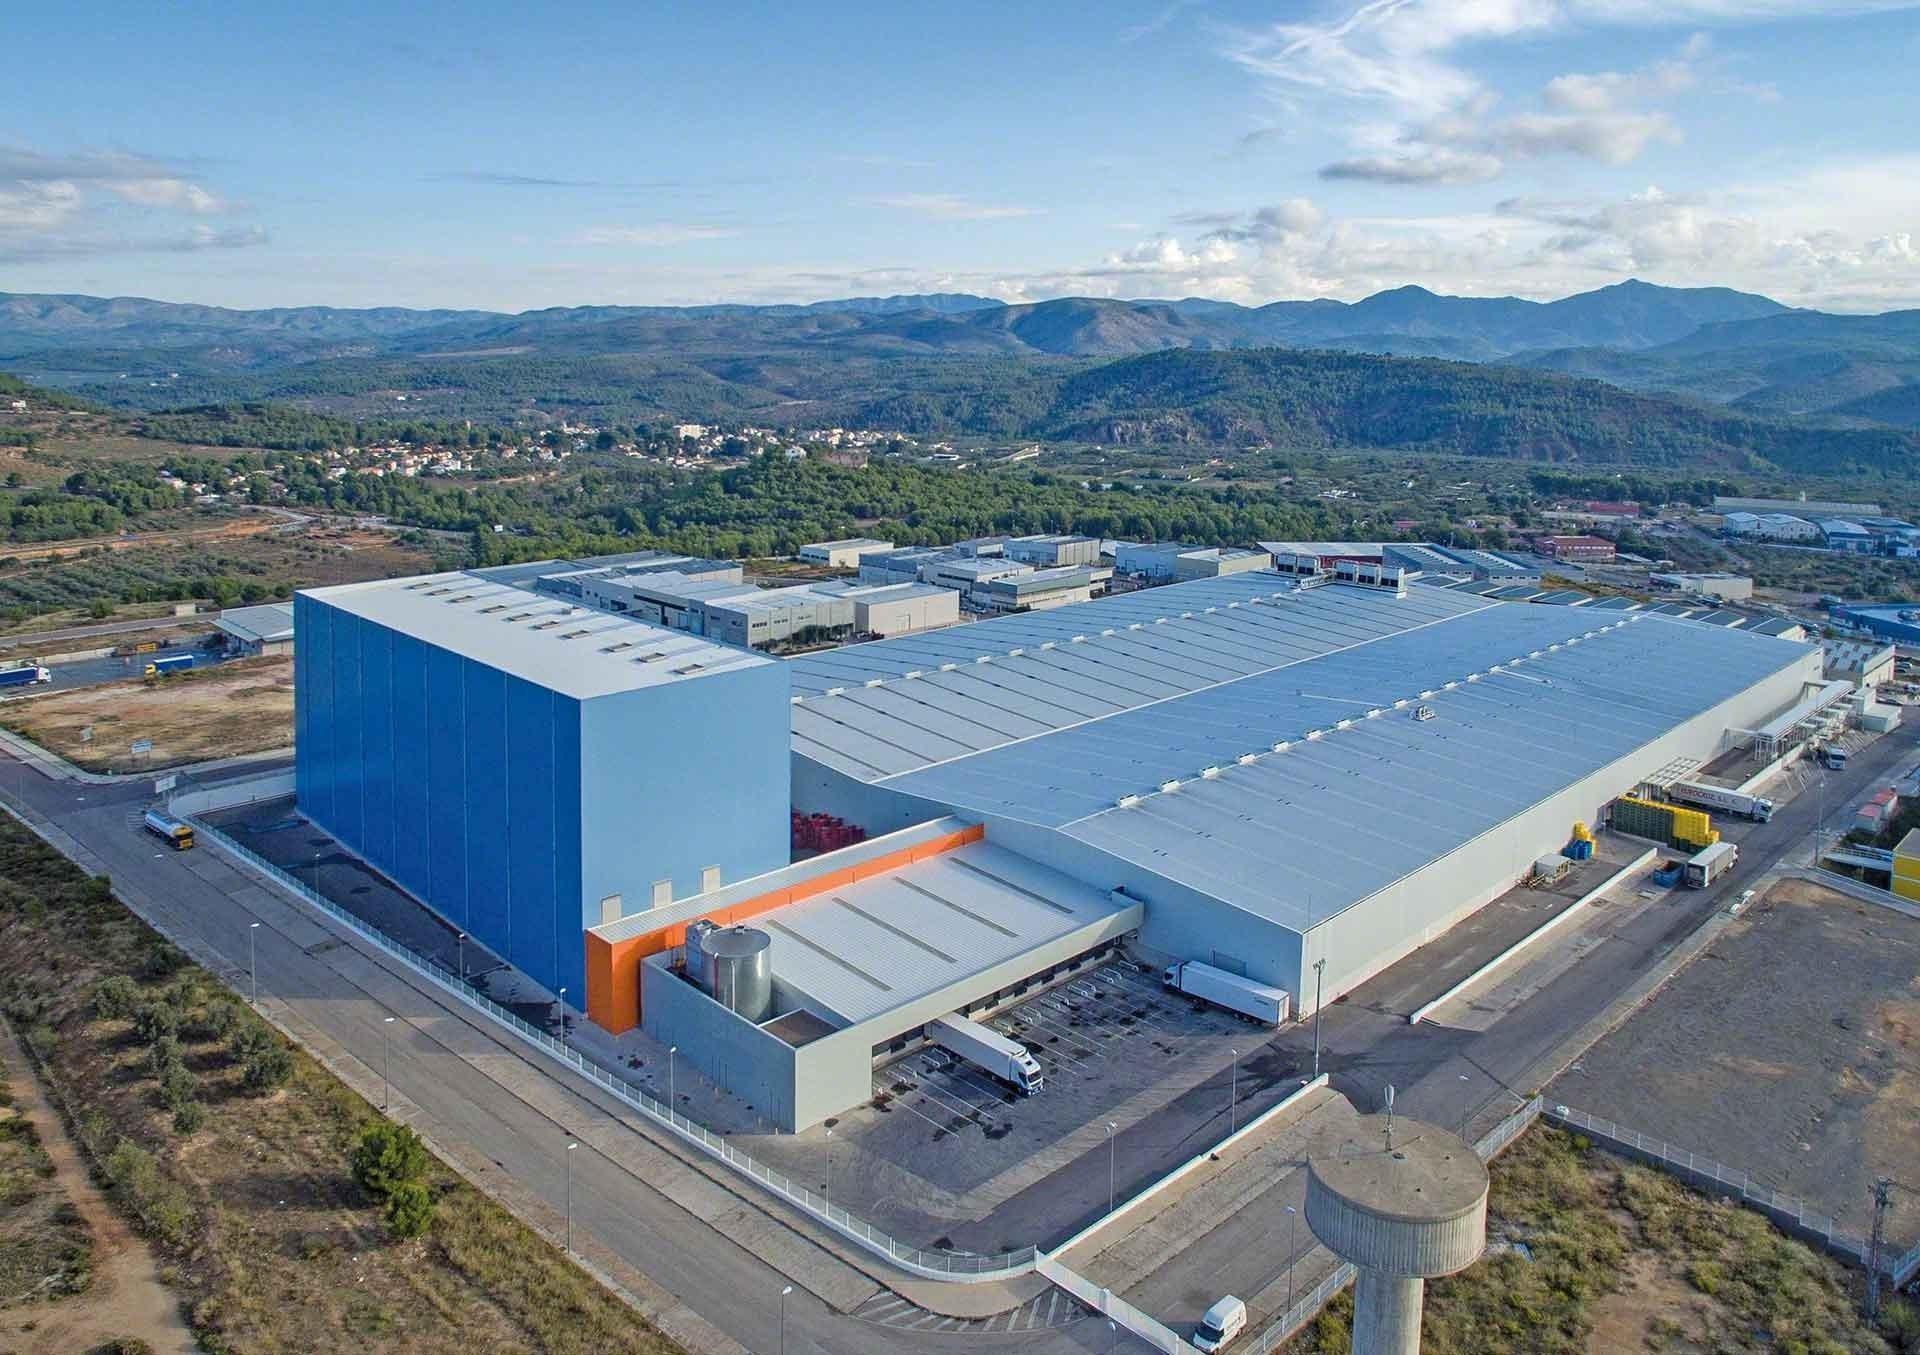 L'entrepôt de Dafsa est équipé de technologies de pointe et sa couleur discrète s'adapte à l'environnement